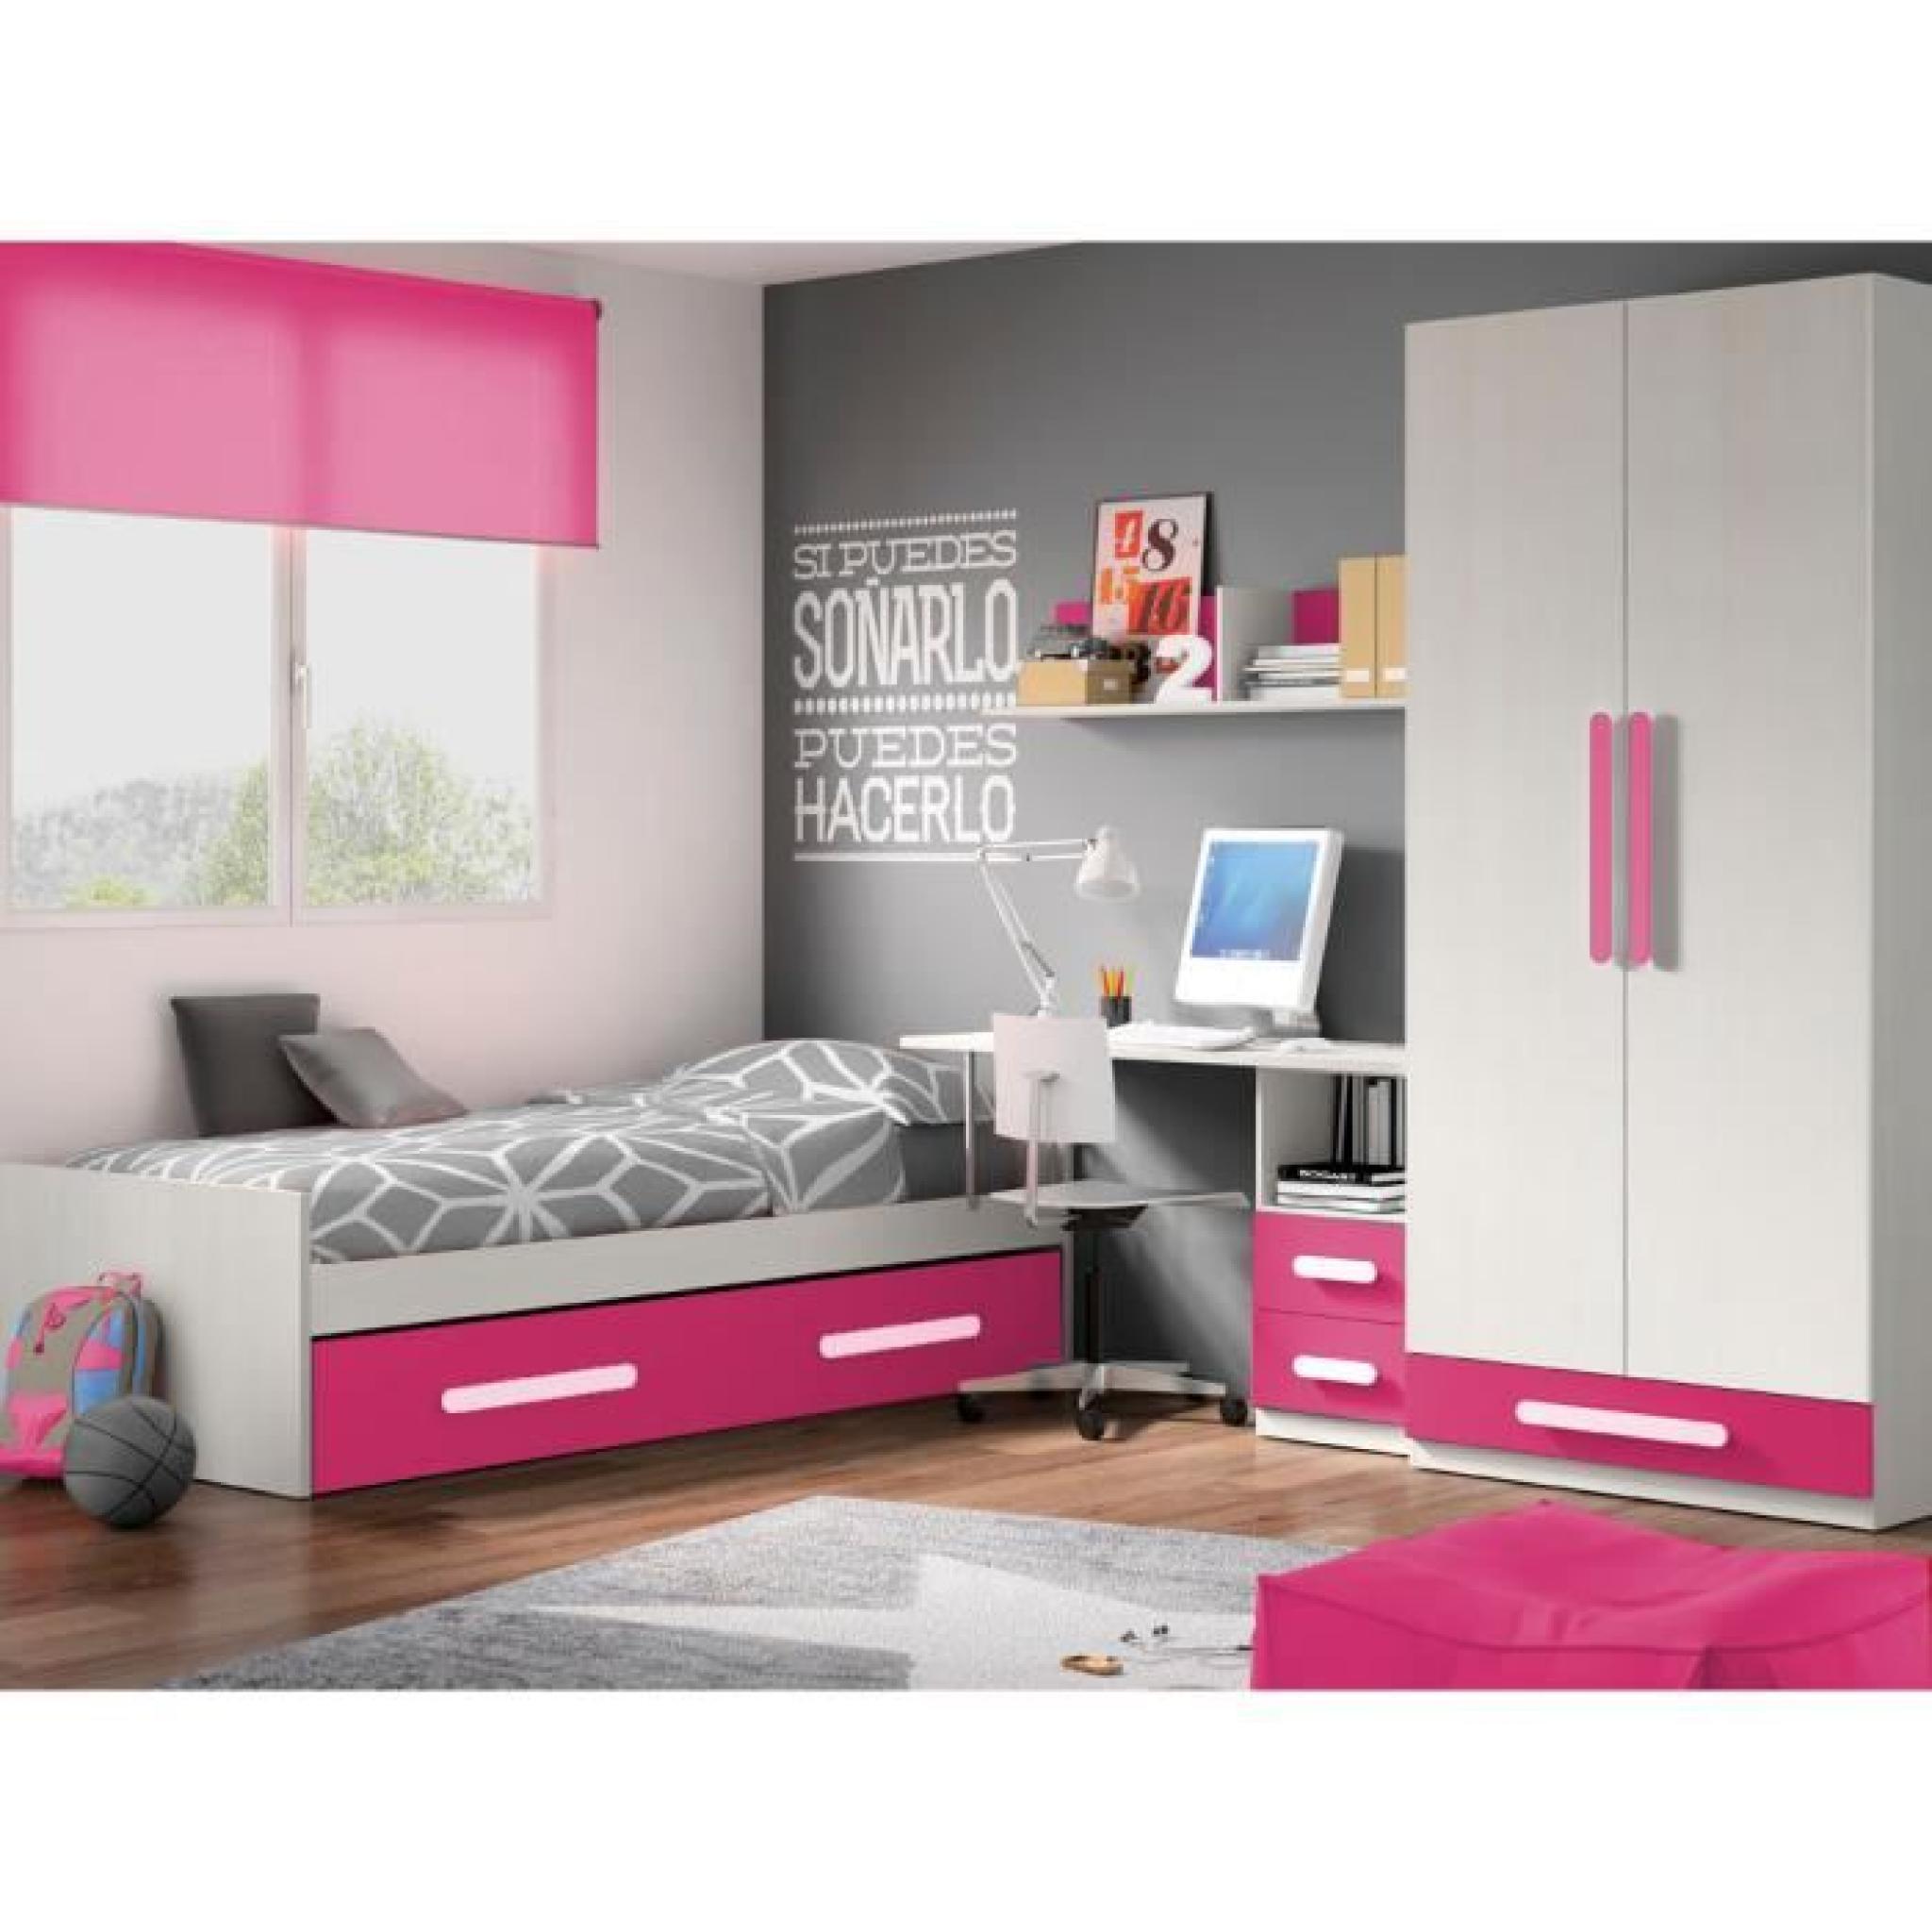 chambre enfant compl te deco 317 blanc rose achat vente chambre complete pas cher couleur et. Black Bedroom Furniture Sets. Home Design Ideas